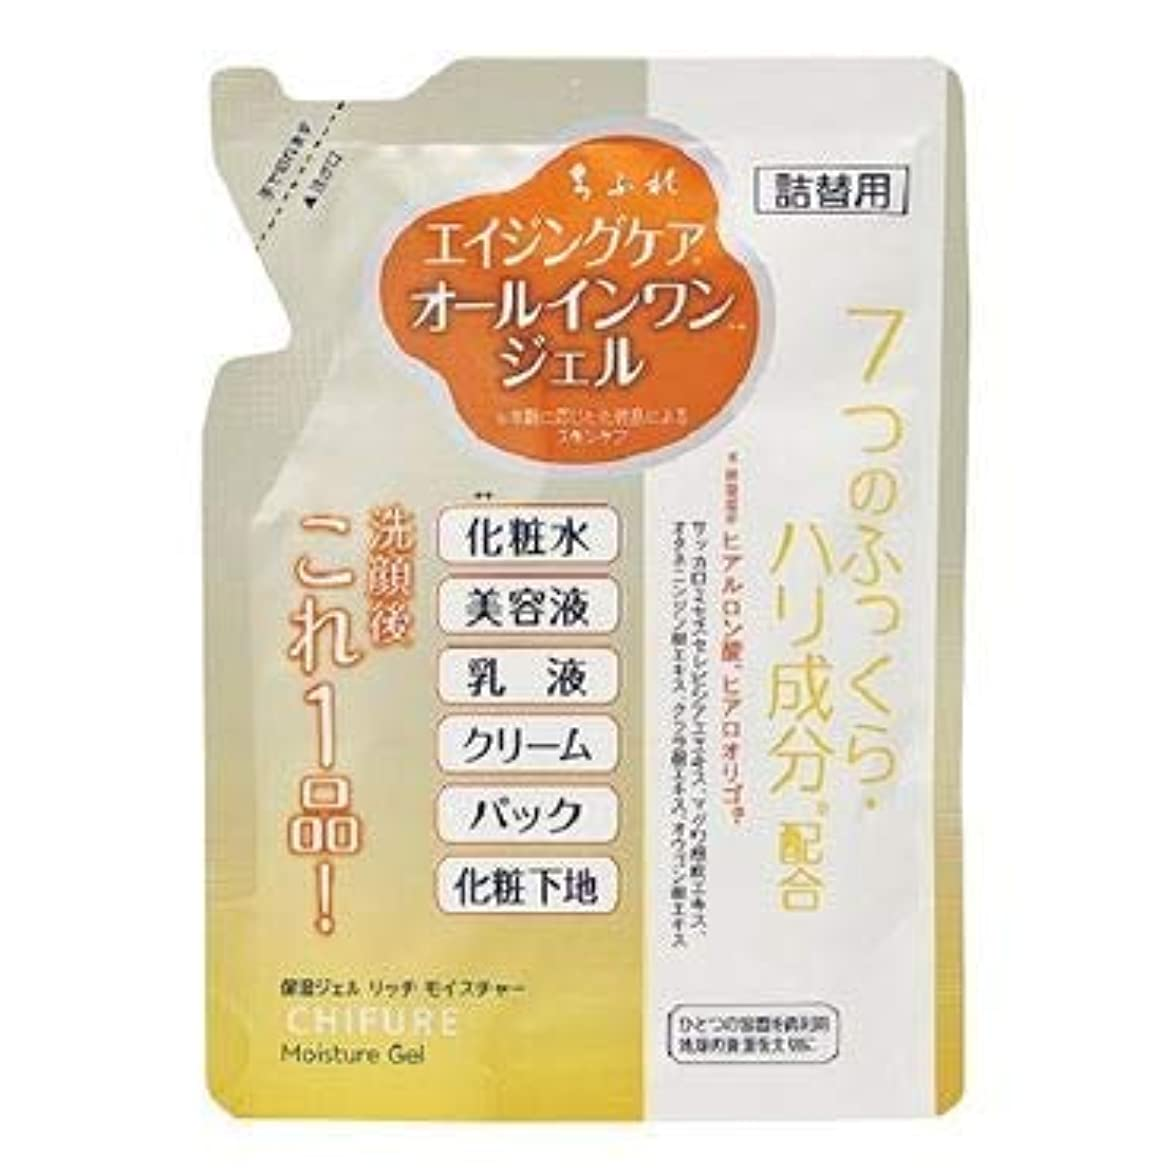 労苦待って火山学ちふれ化粧品 保湿ジェル リッチモイスチャータイプ 108g (詰替)